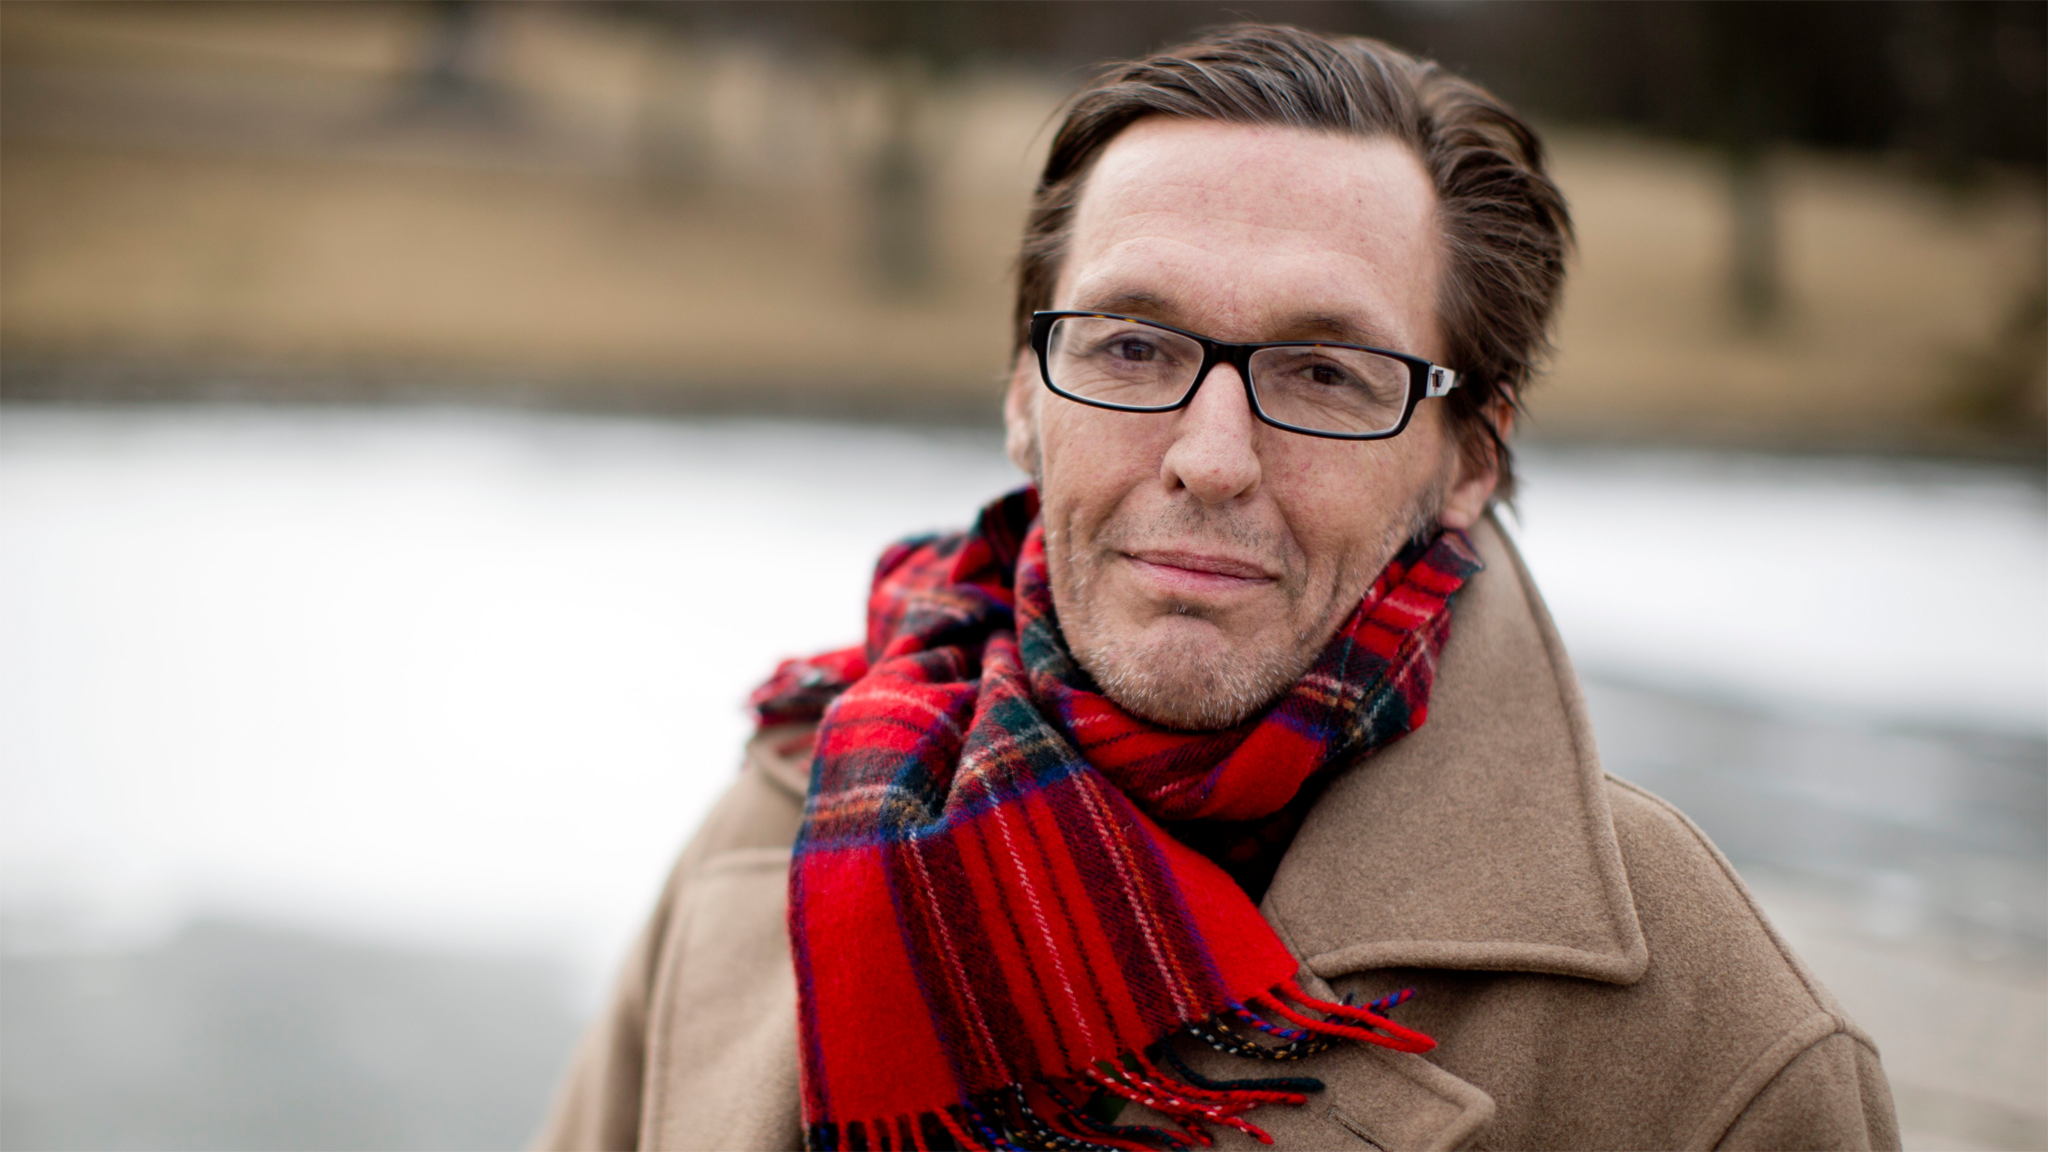 Olle Ljungström postumt, besök på Nobelgården och kreativa rutiner för skrivandet